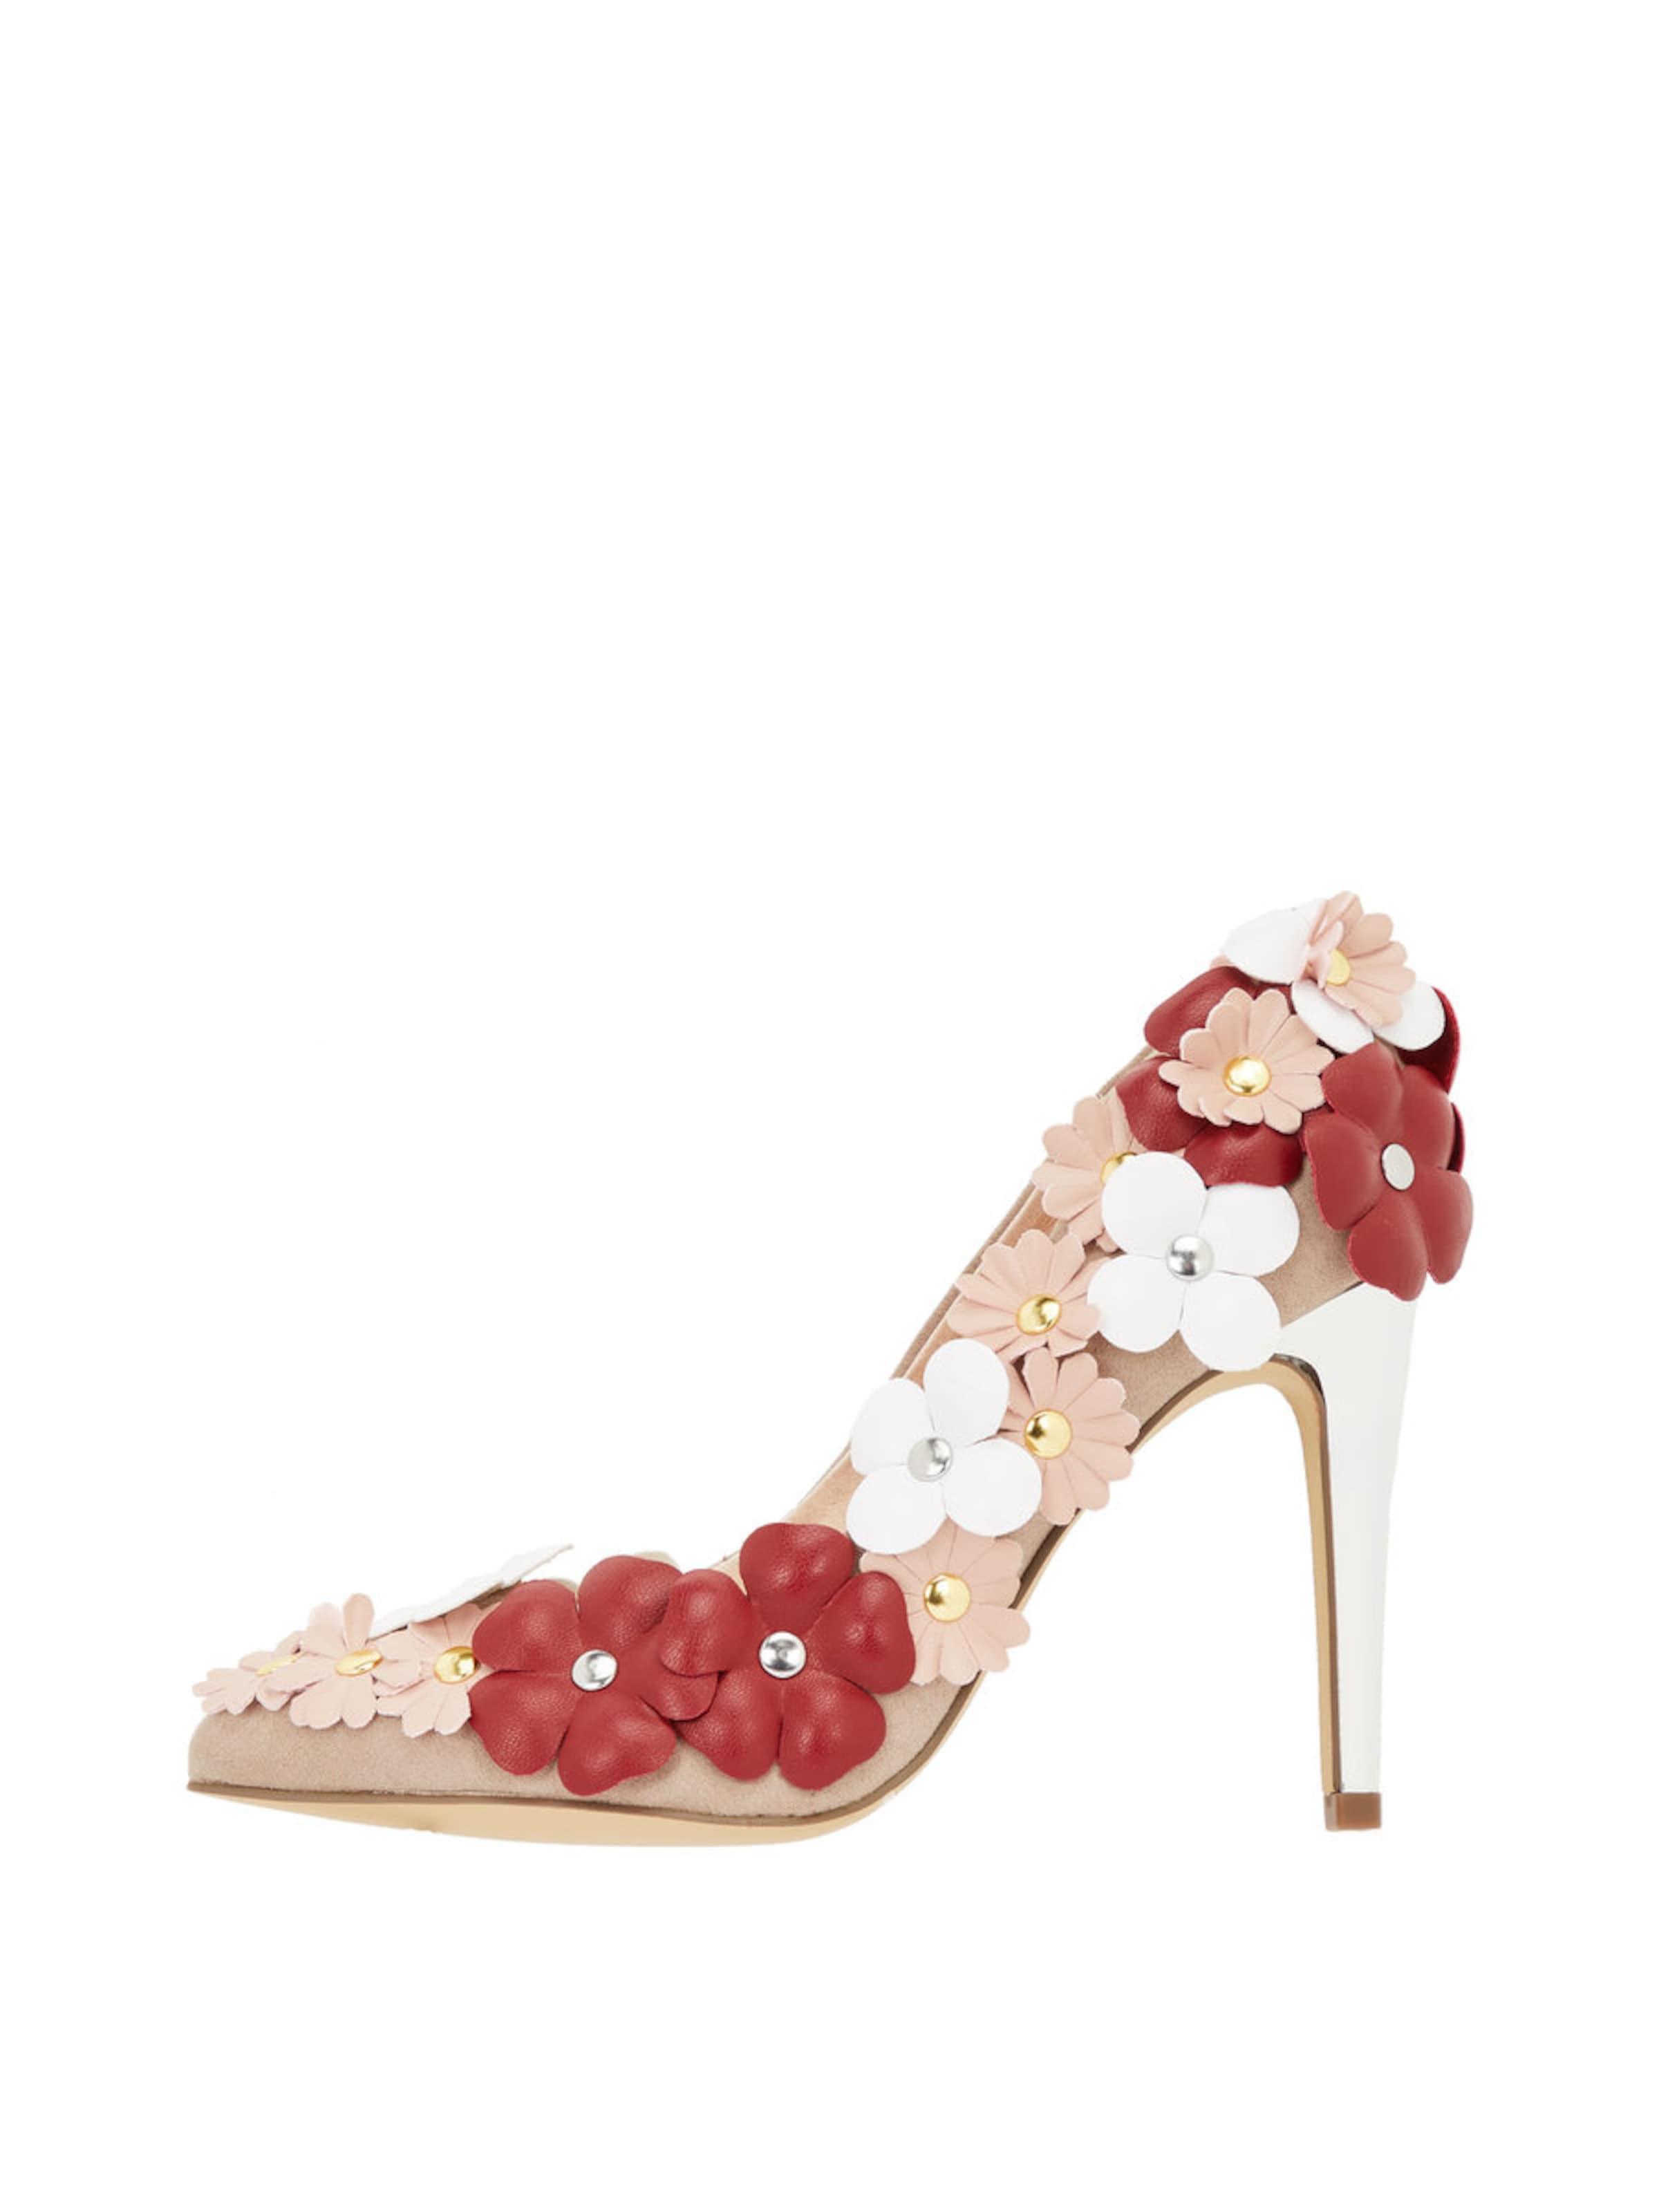 Bianco Blumen Stiletto Vorbestellung Online Günstig Kaufen Outlet Große Überraschung Niedrig Versandkosten OkWOuNl3